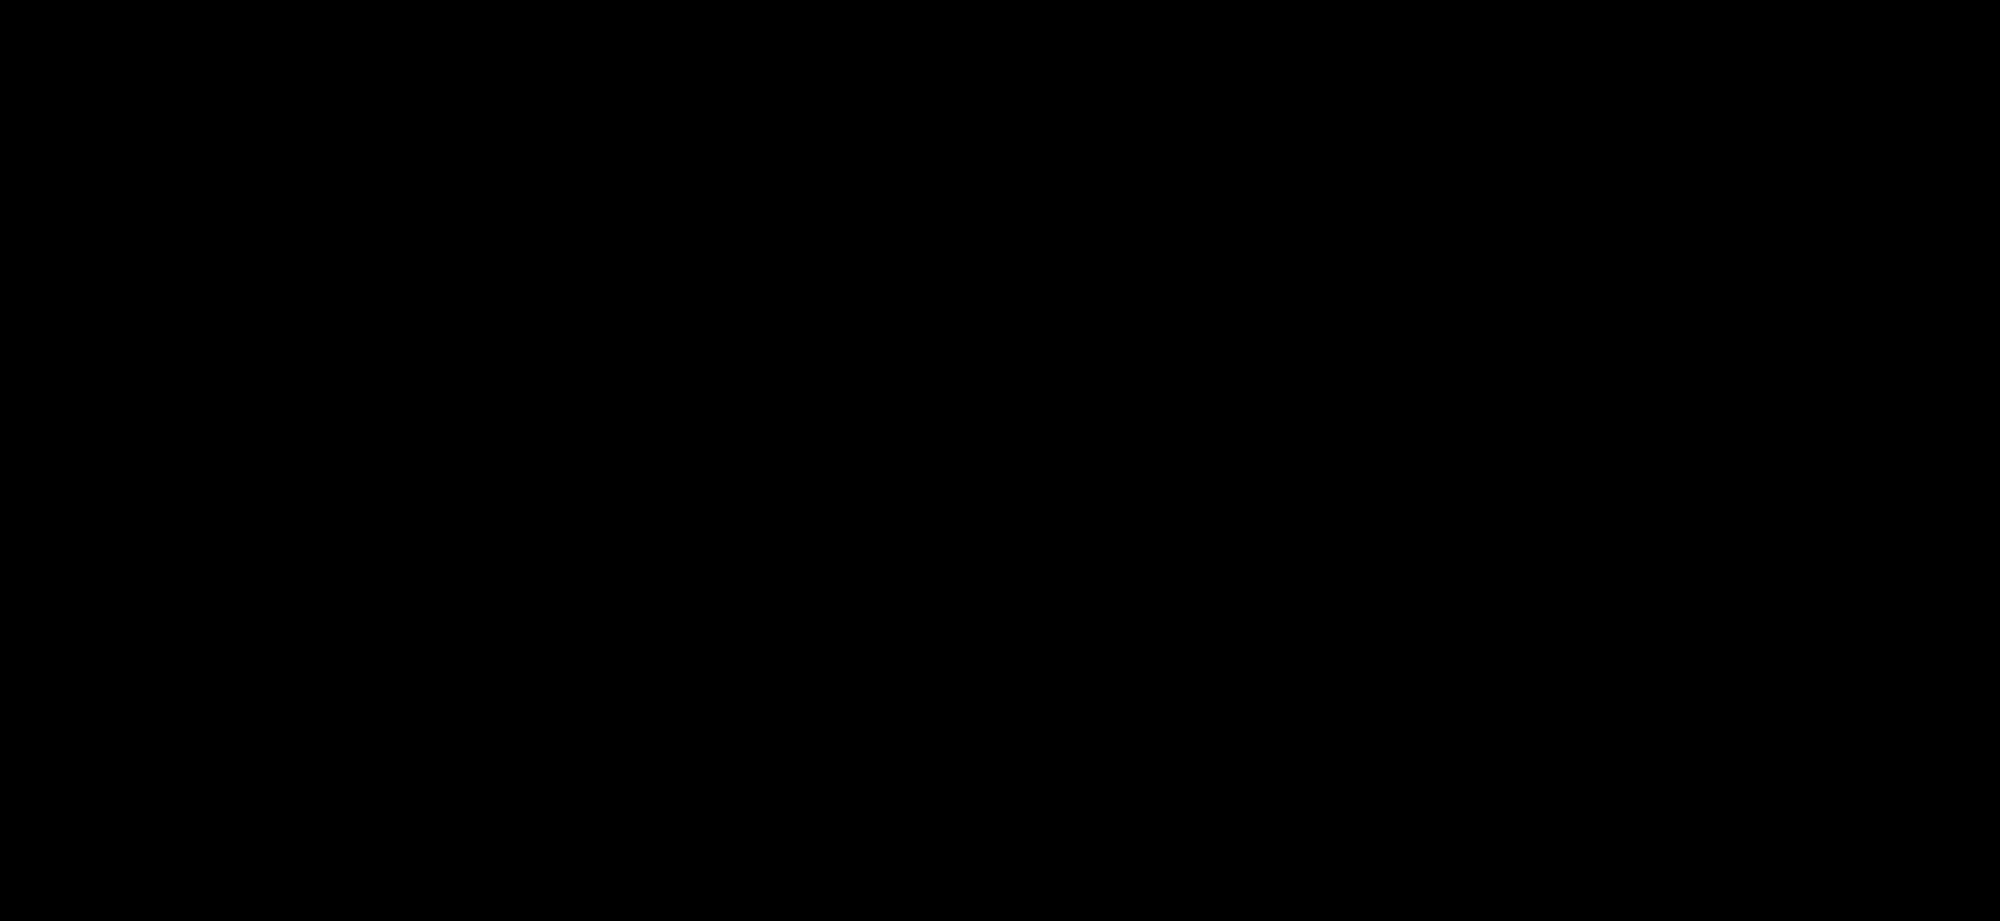 spektrometr przenośny